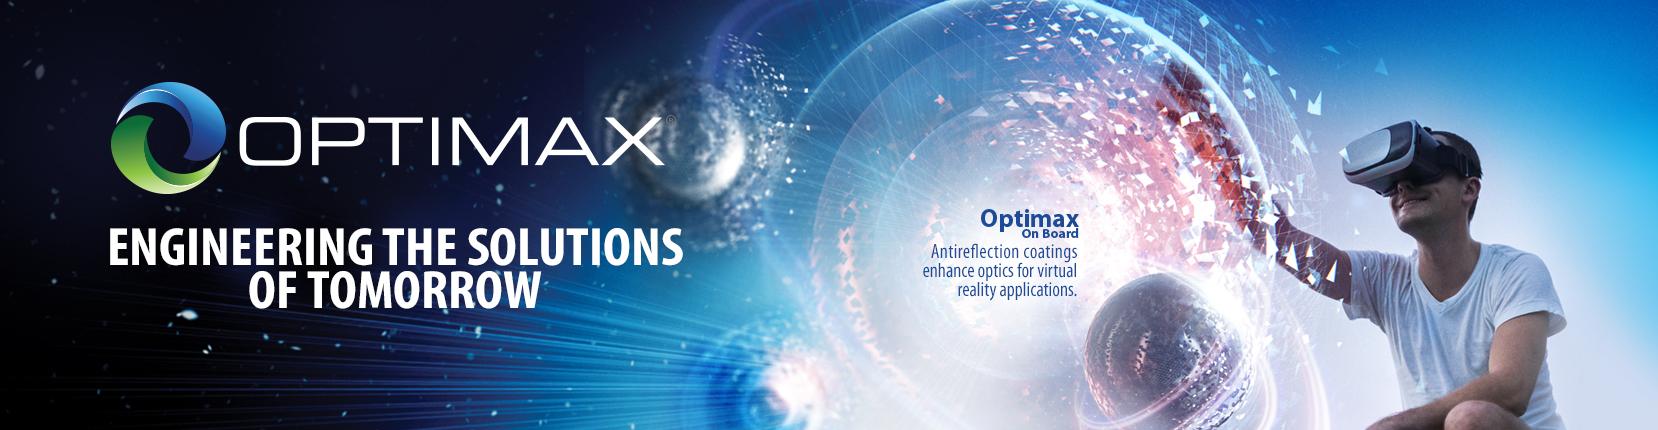 optimax-antireflection-coatings-pwest21